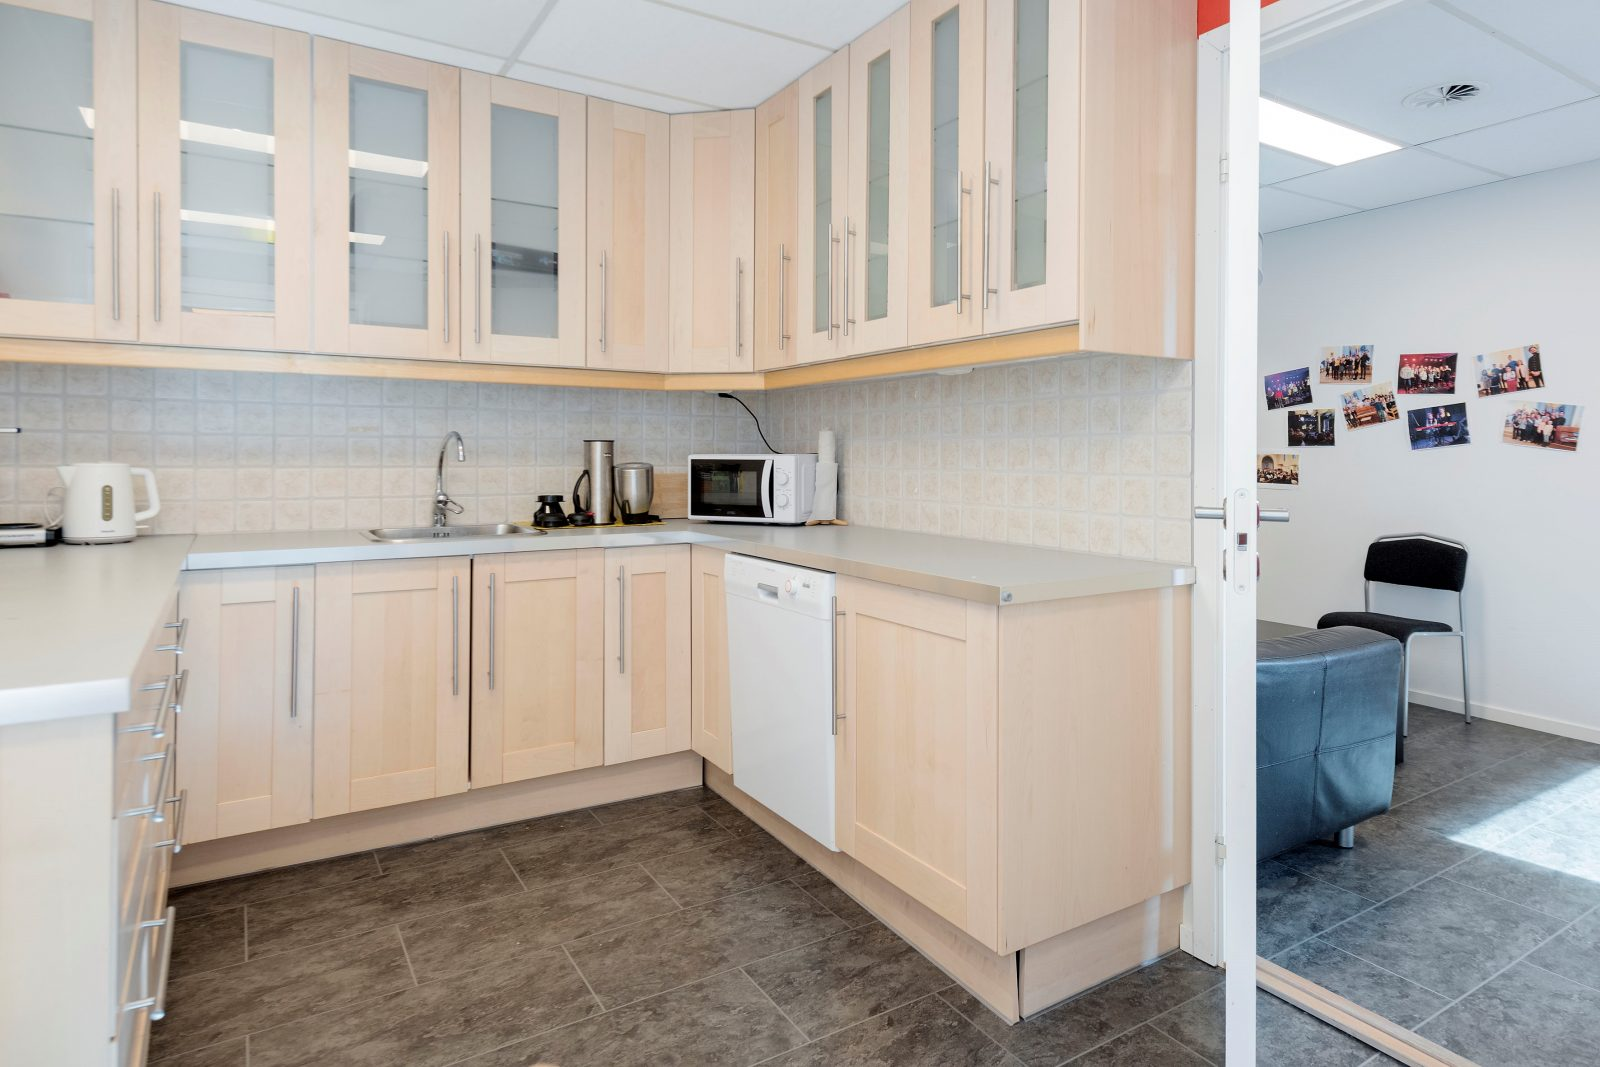 Kjøkken - Kontorlokale på 160 kvm